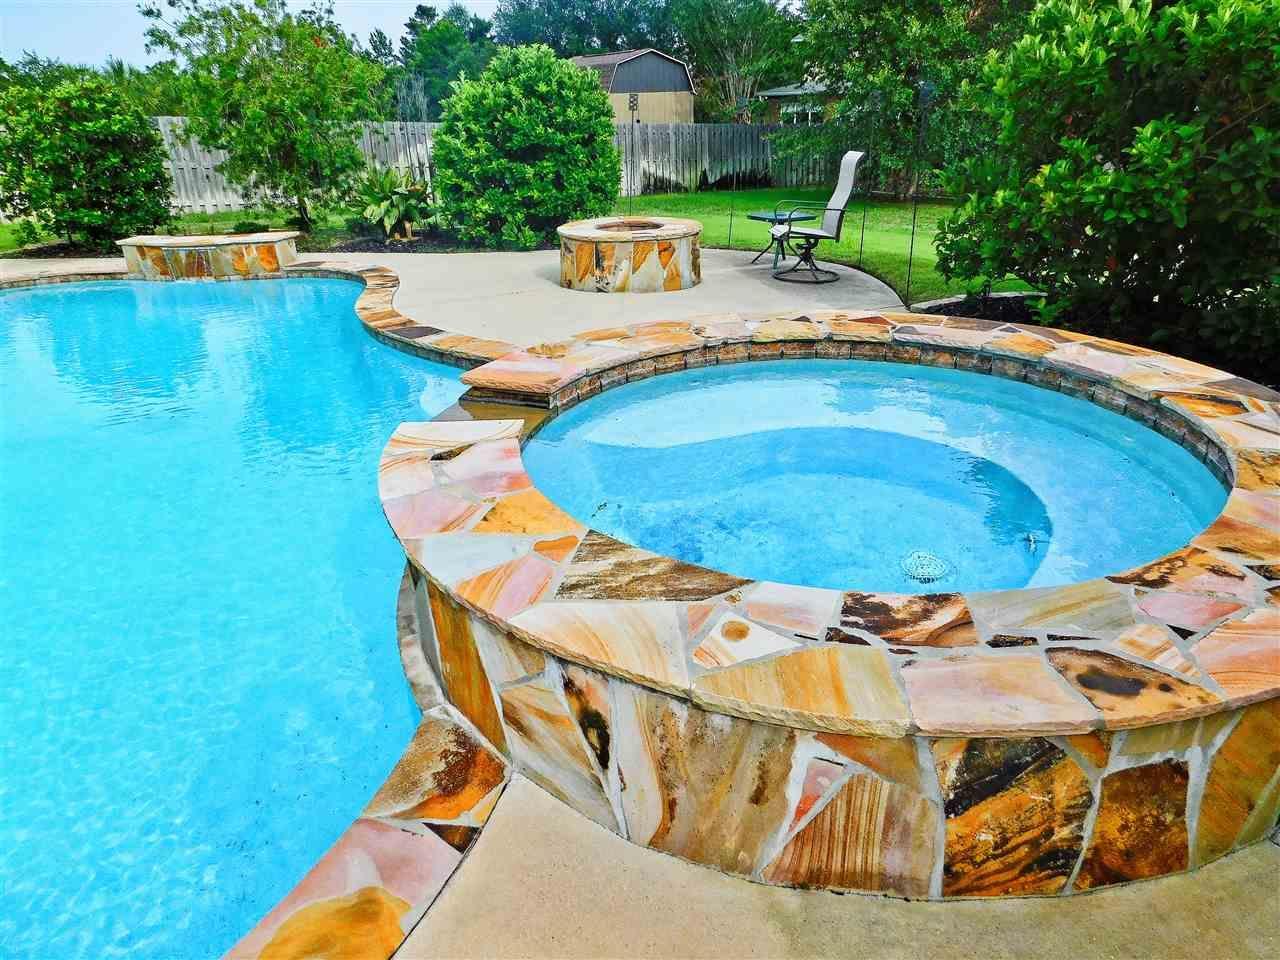 4279 Graceful Ct, Gulf Breeze, FL 32563